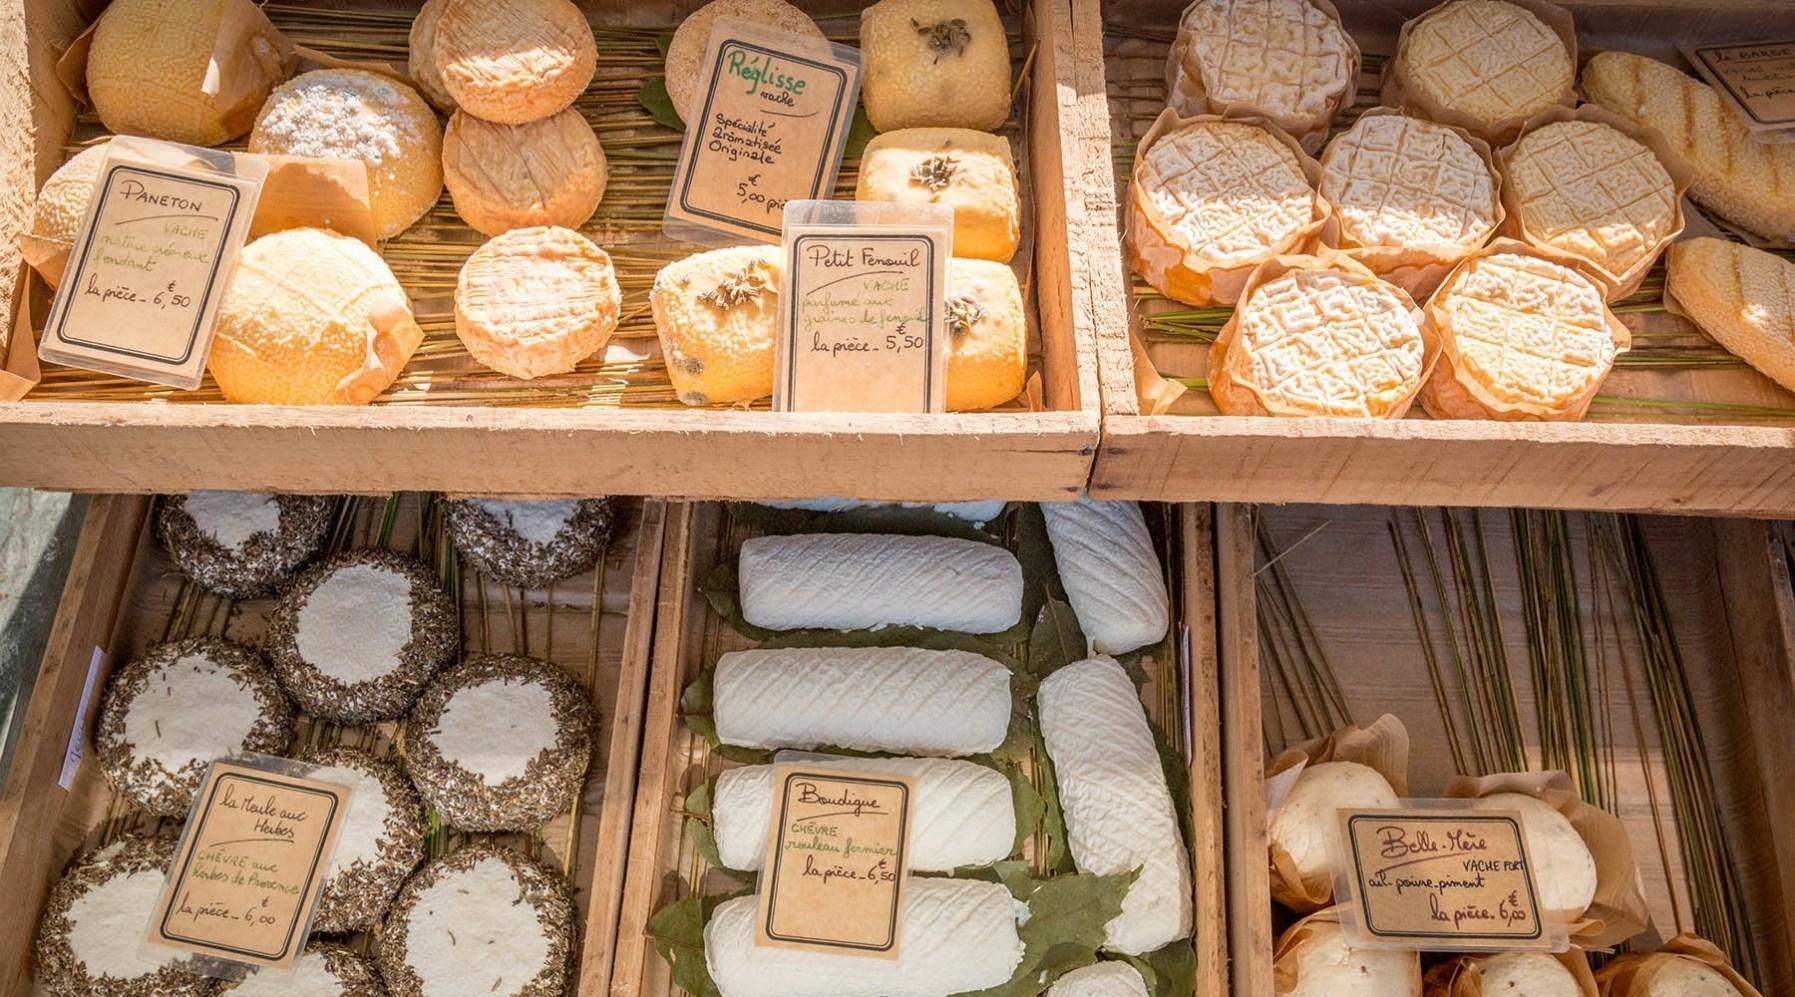 Nombreux fromages exposés sur un stand du marché à Lège Cap Ferret